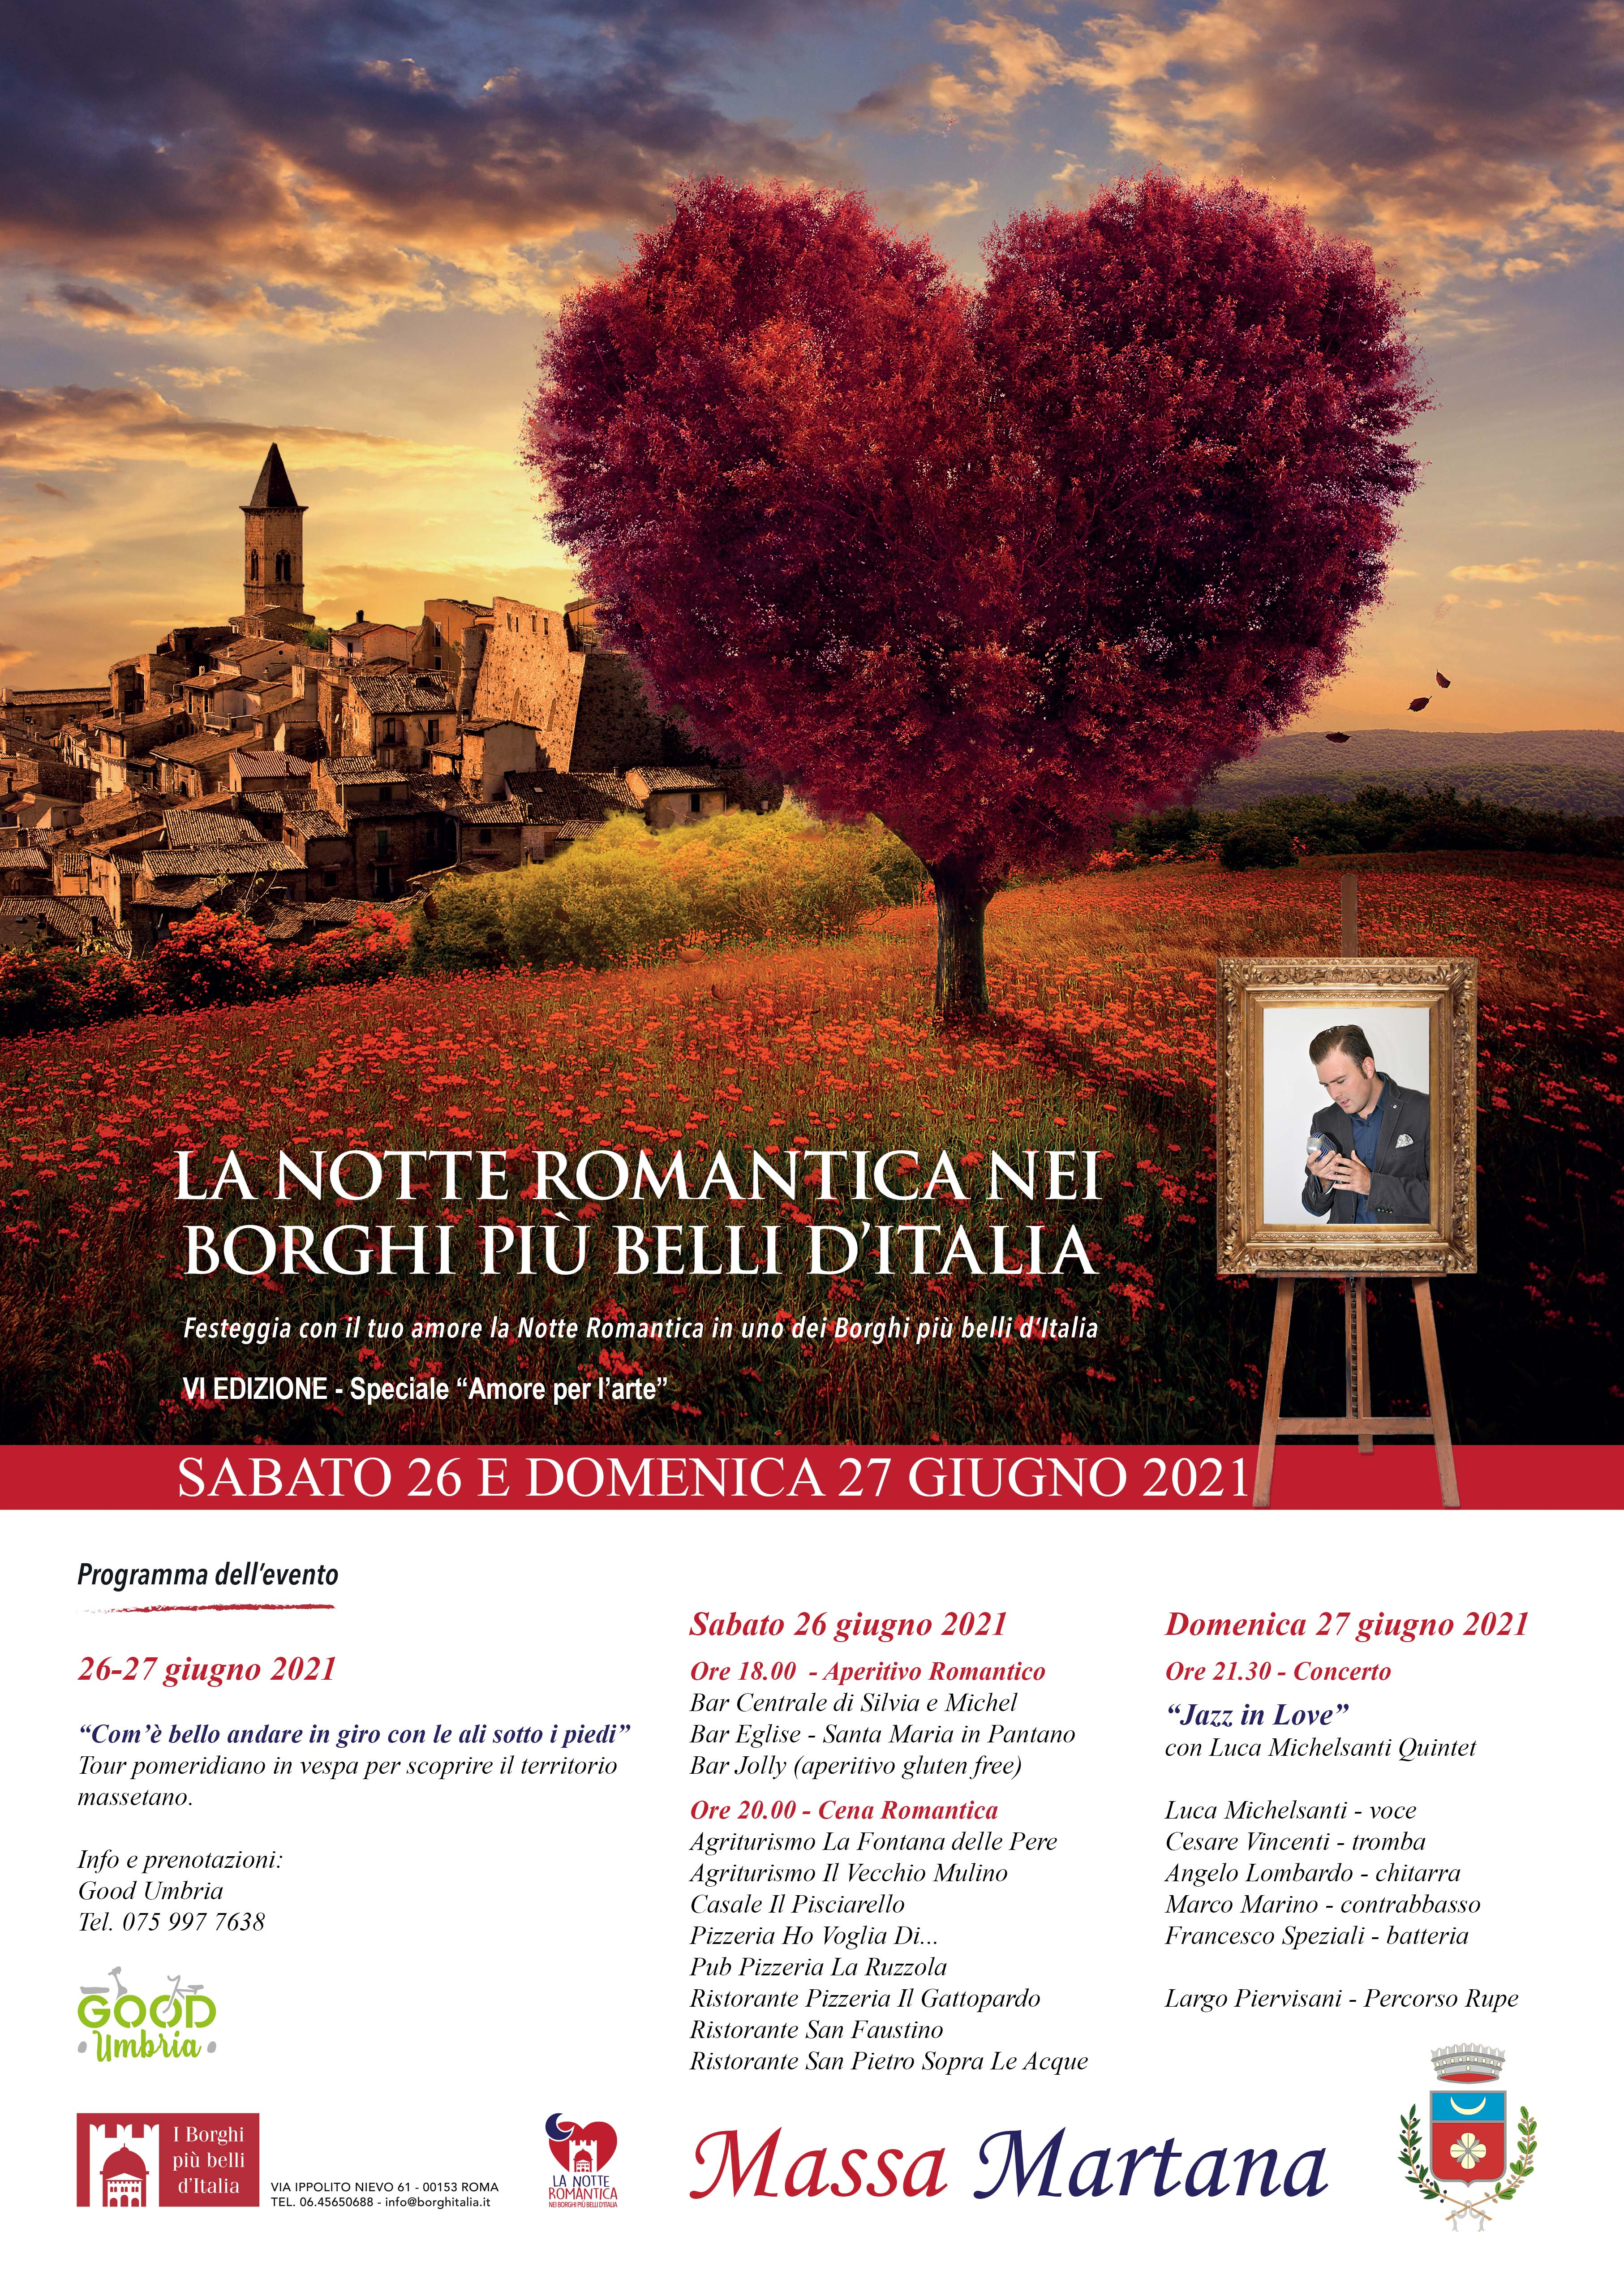 Notte Romantica 2021 – Massa Martana si prepara a vivere un fine settimana all'insegna del romanticismo